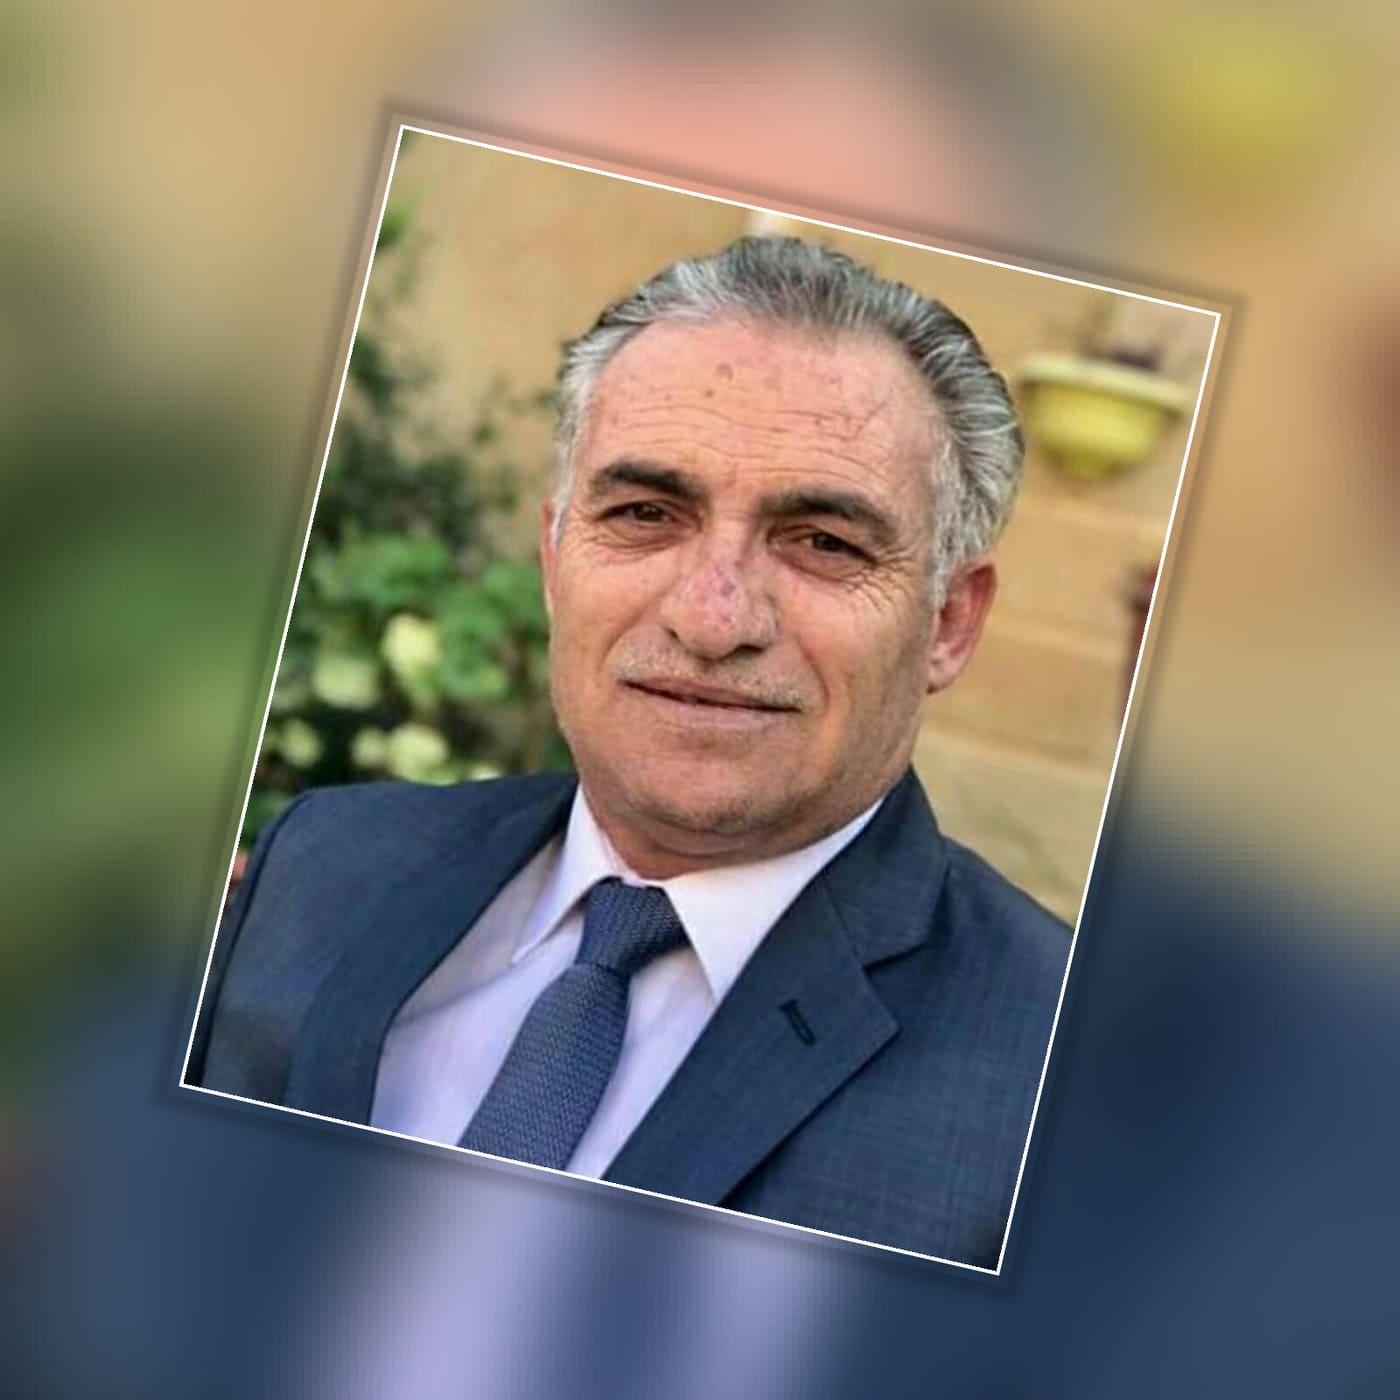 كنس المسرح / بقلم: علي عليان